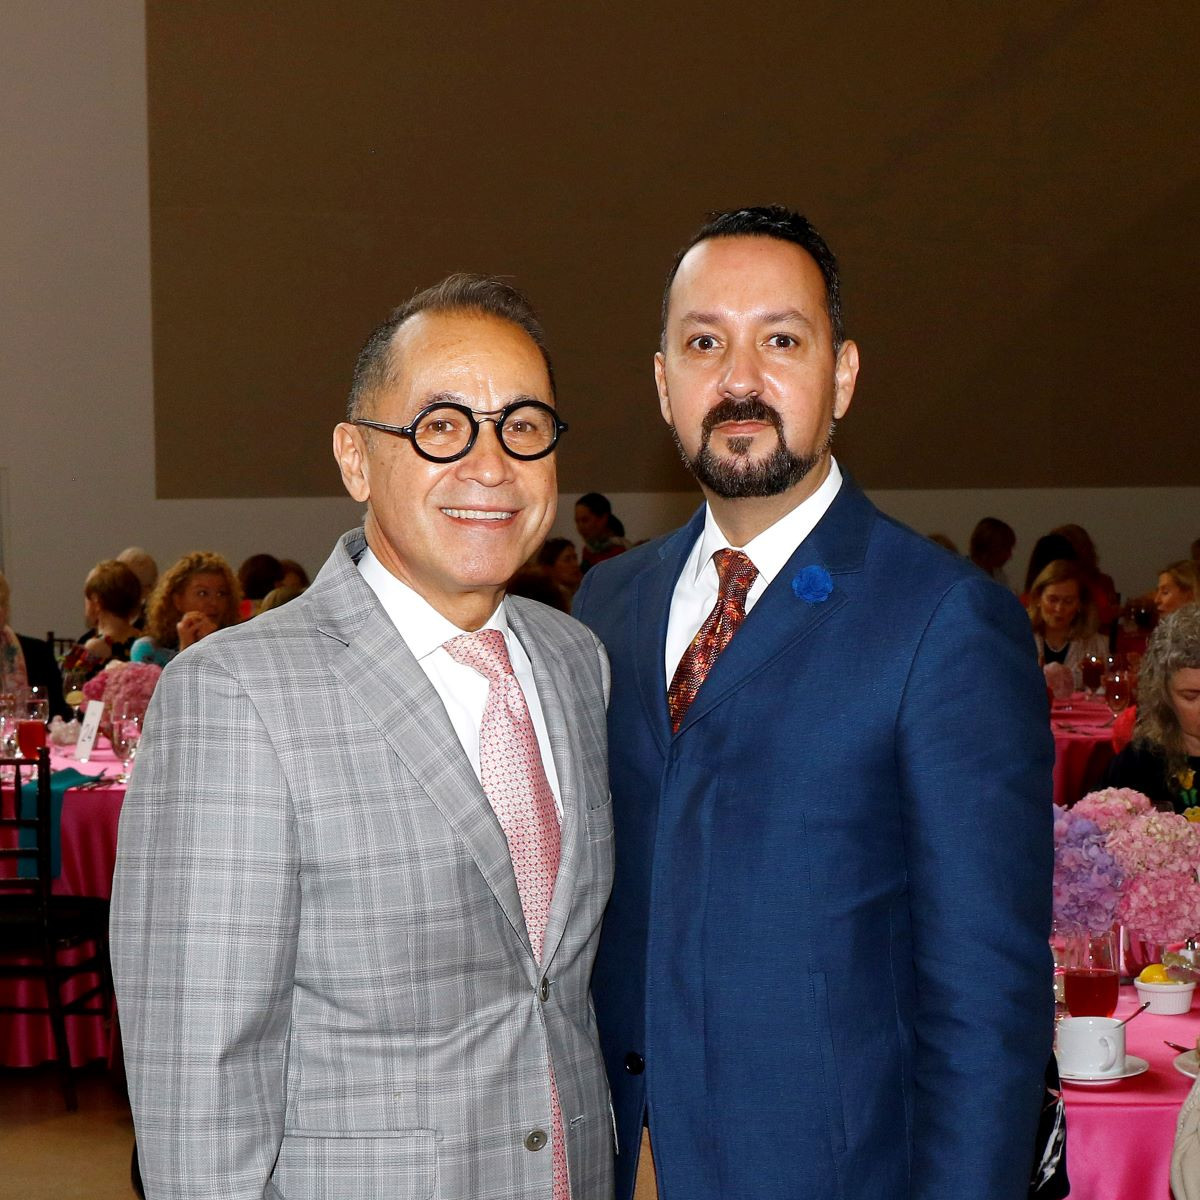 DMA Eugene McDermott Director Agustin Arteaga and Carlos Jaime-Hernandez